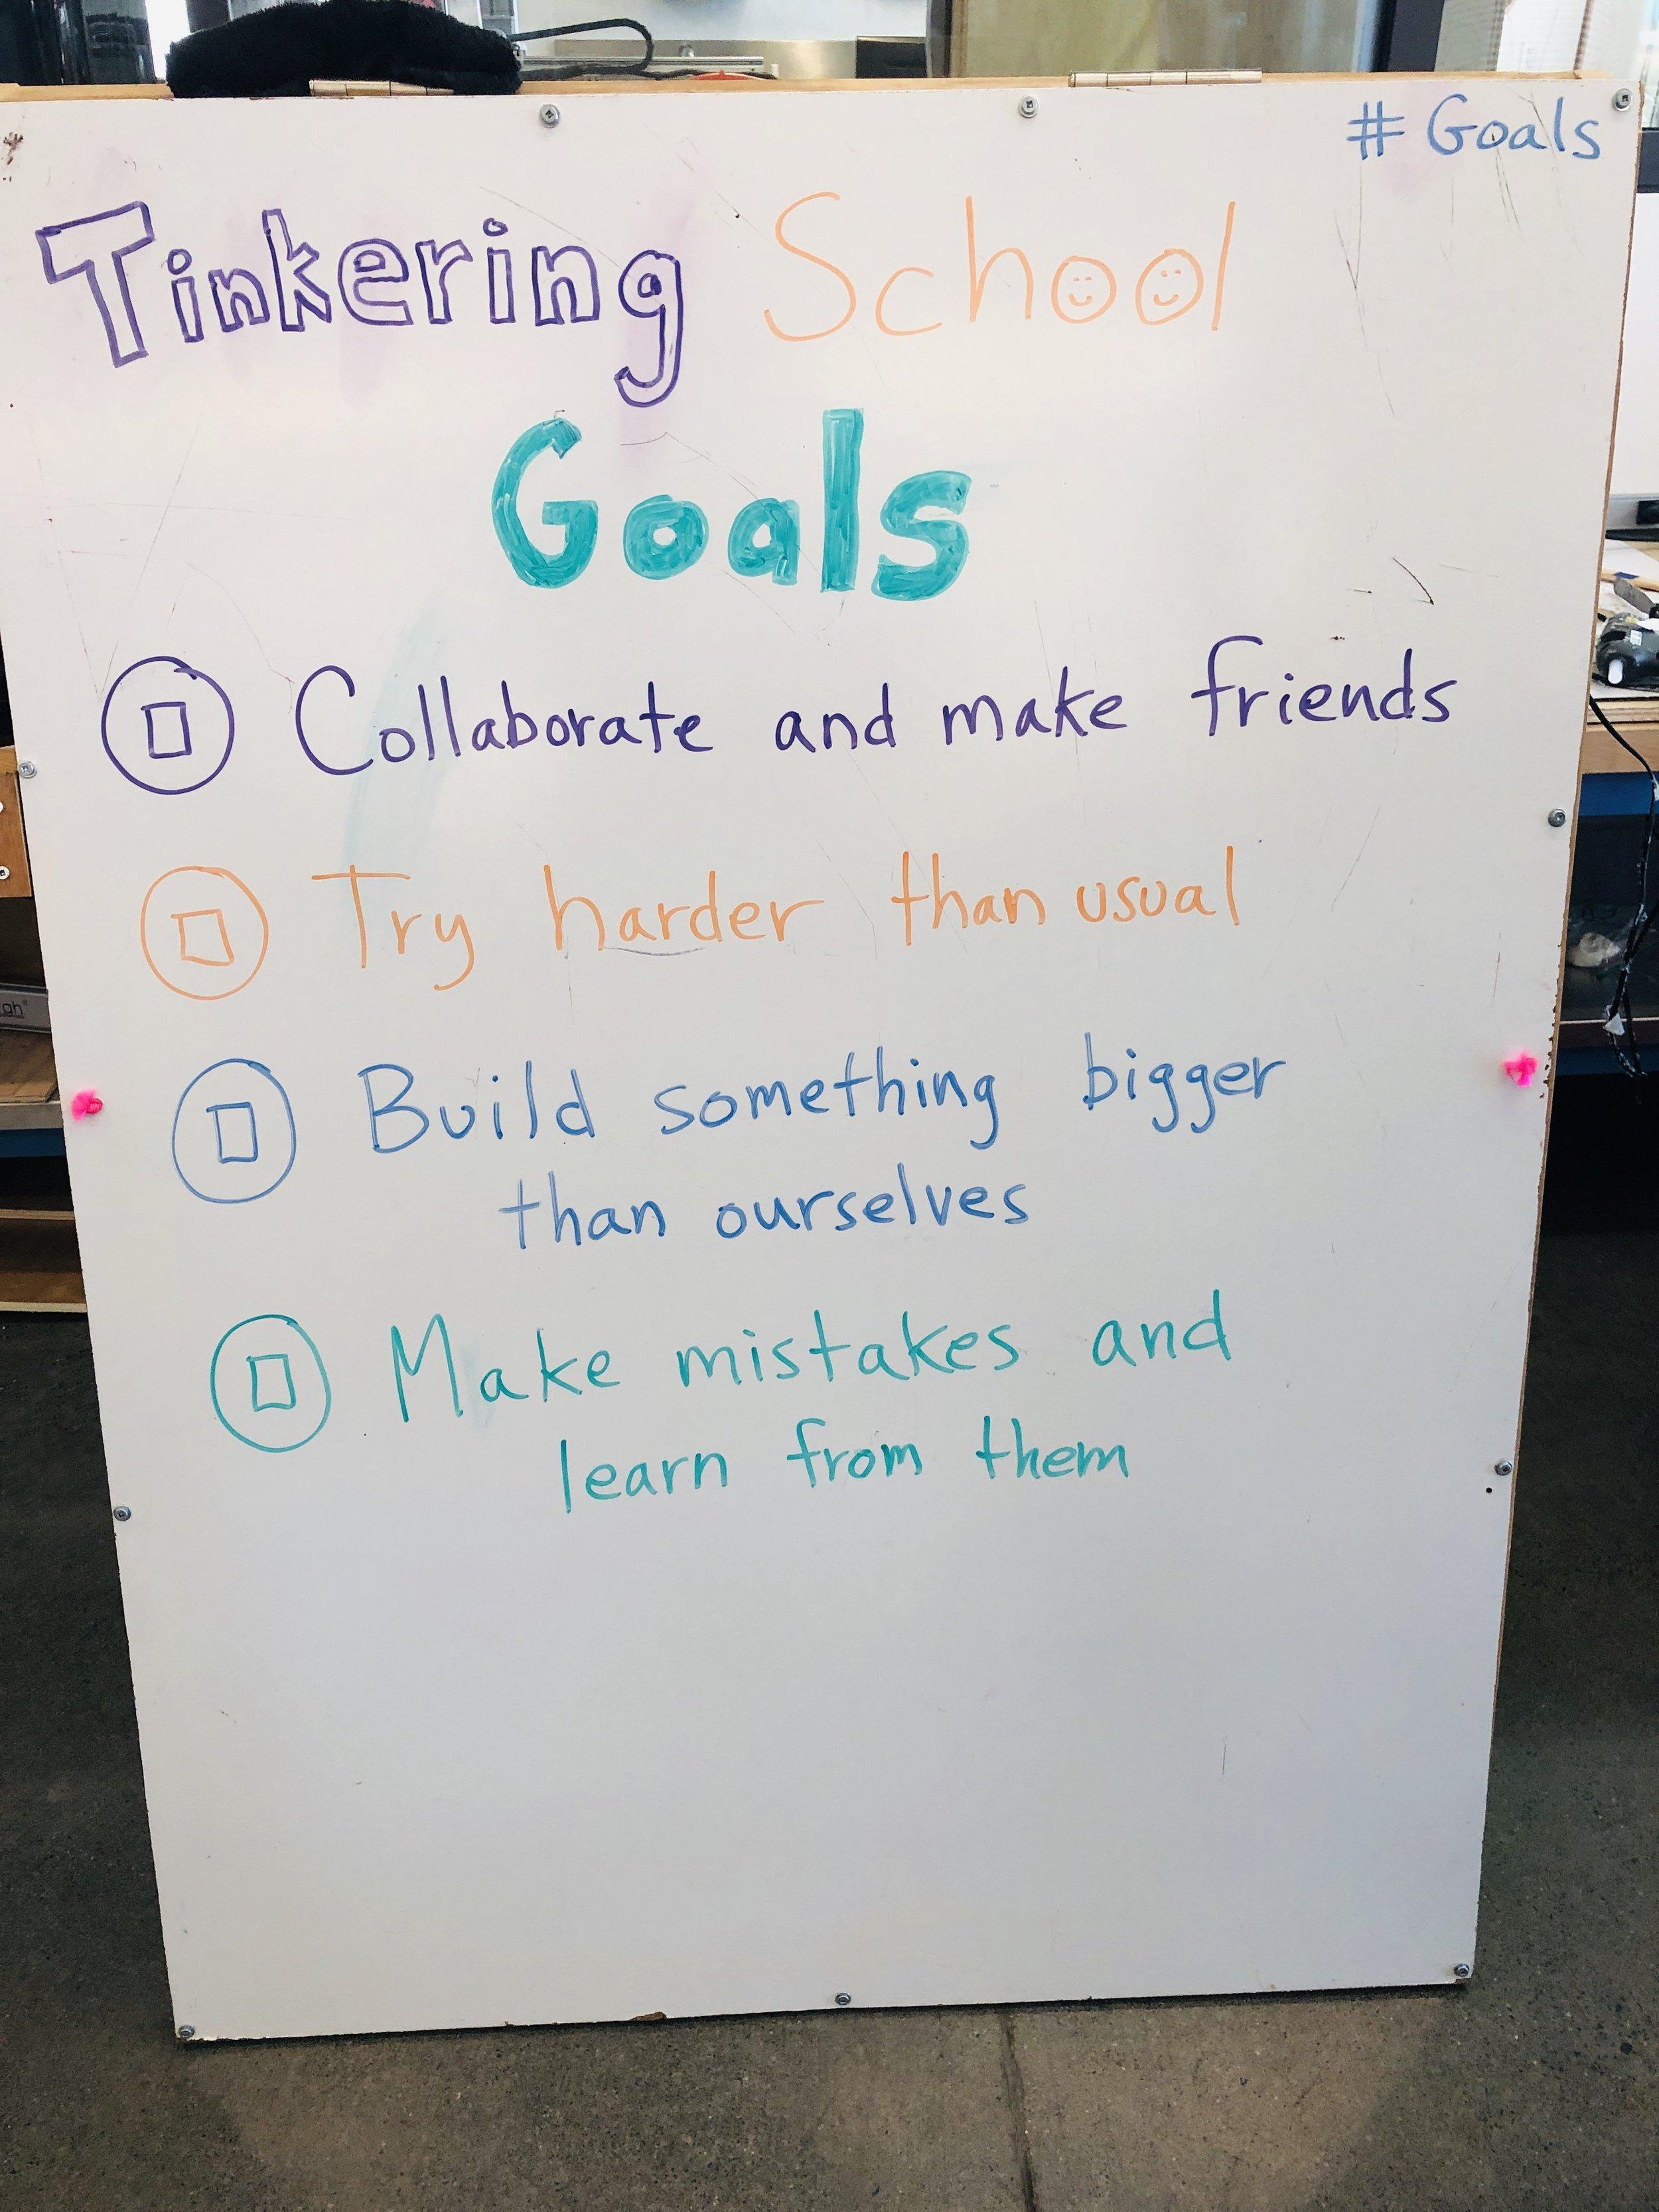 Tinkering School goals.jpg